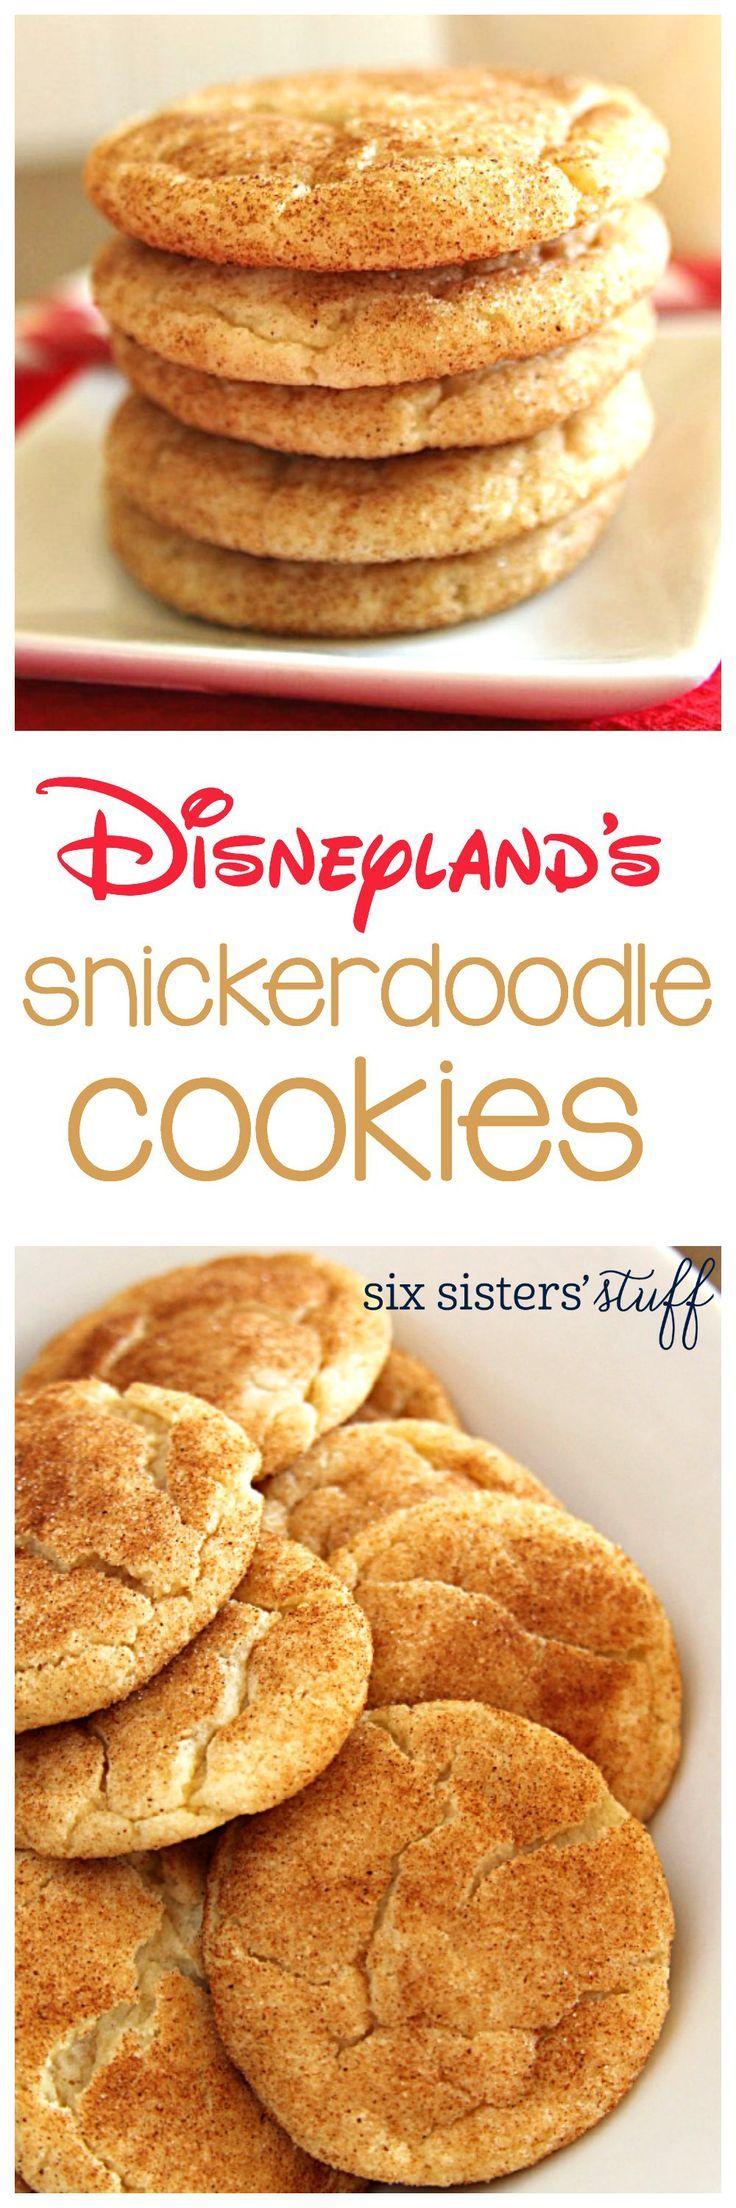 Disneyland's Snickerdoodle Cookies   Recipe   Disney ...